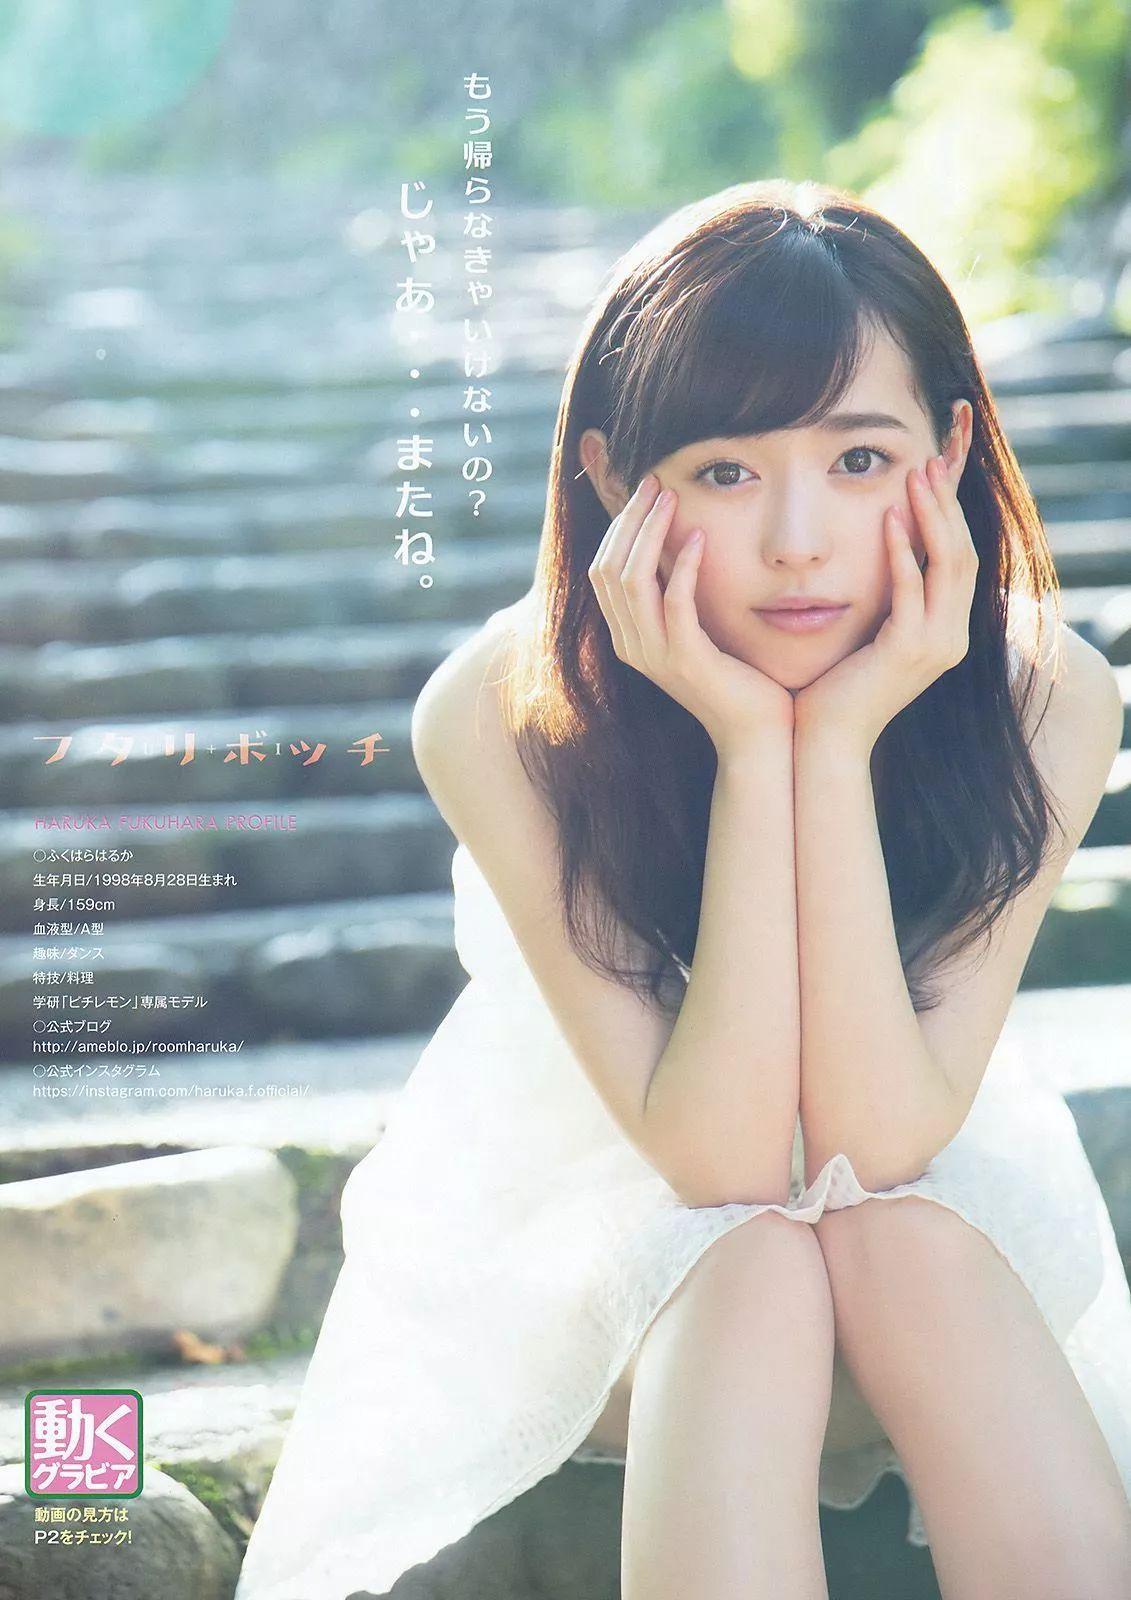 真的是甜到冒泡的美少女福原遥写真作品 (11)